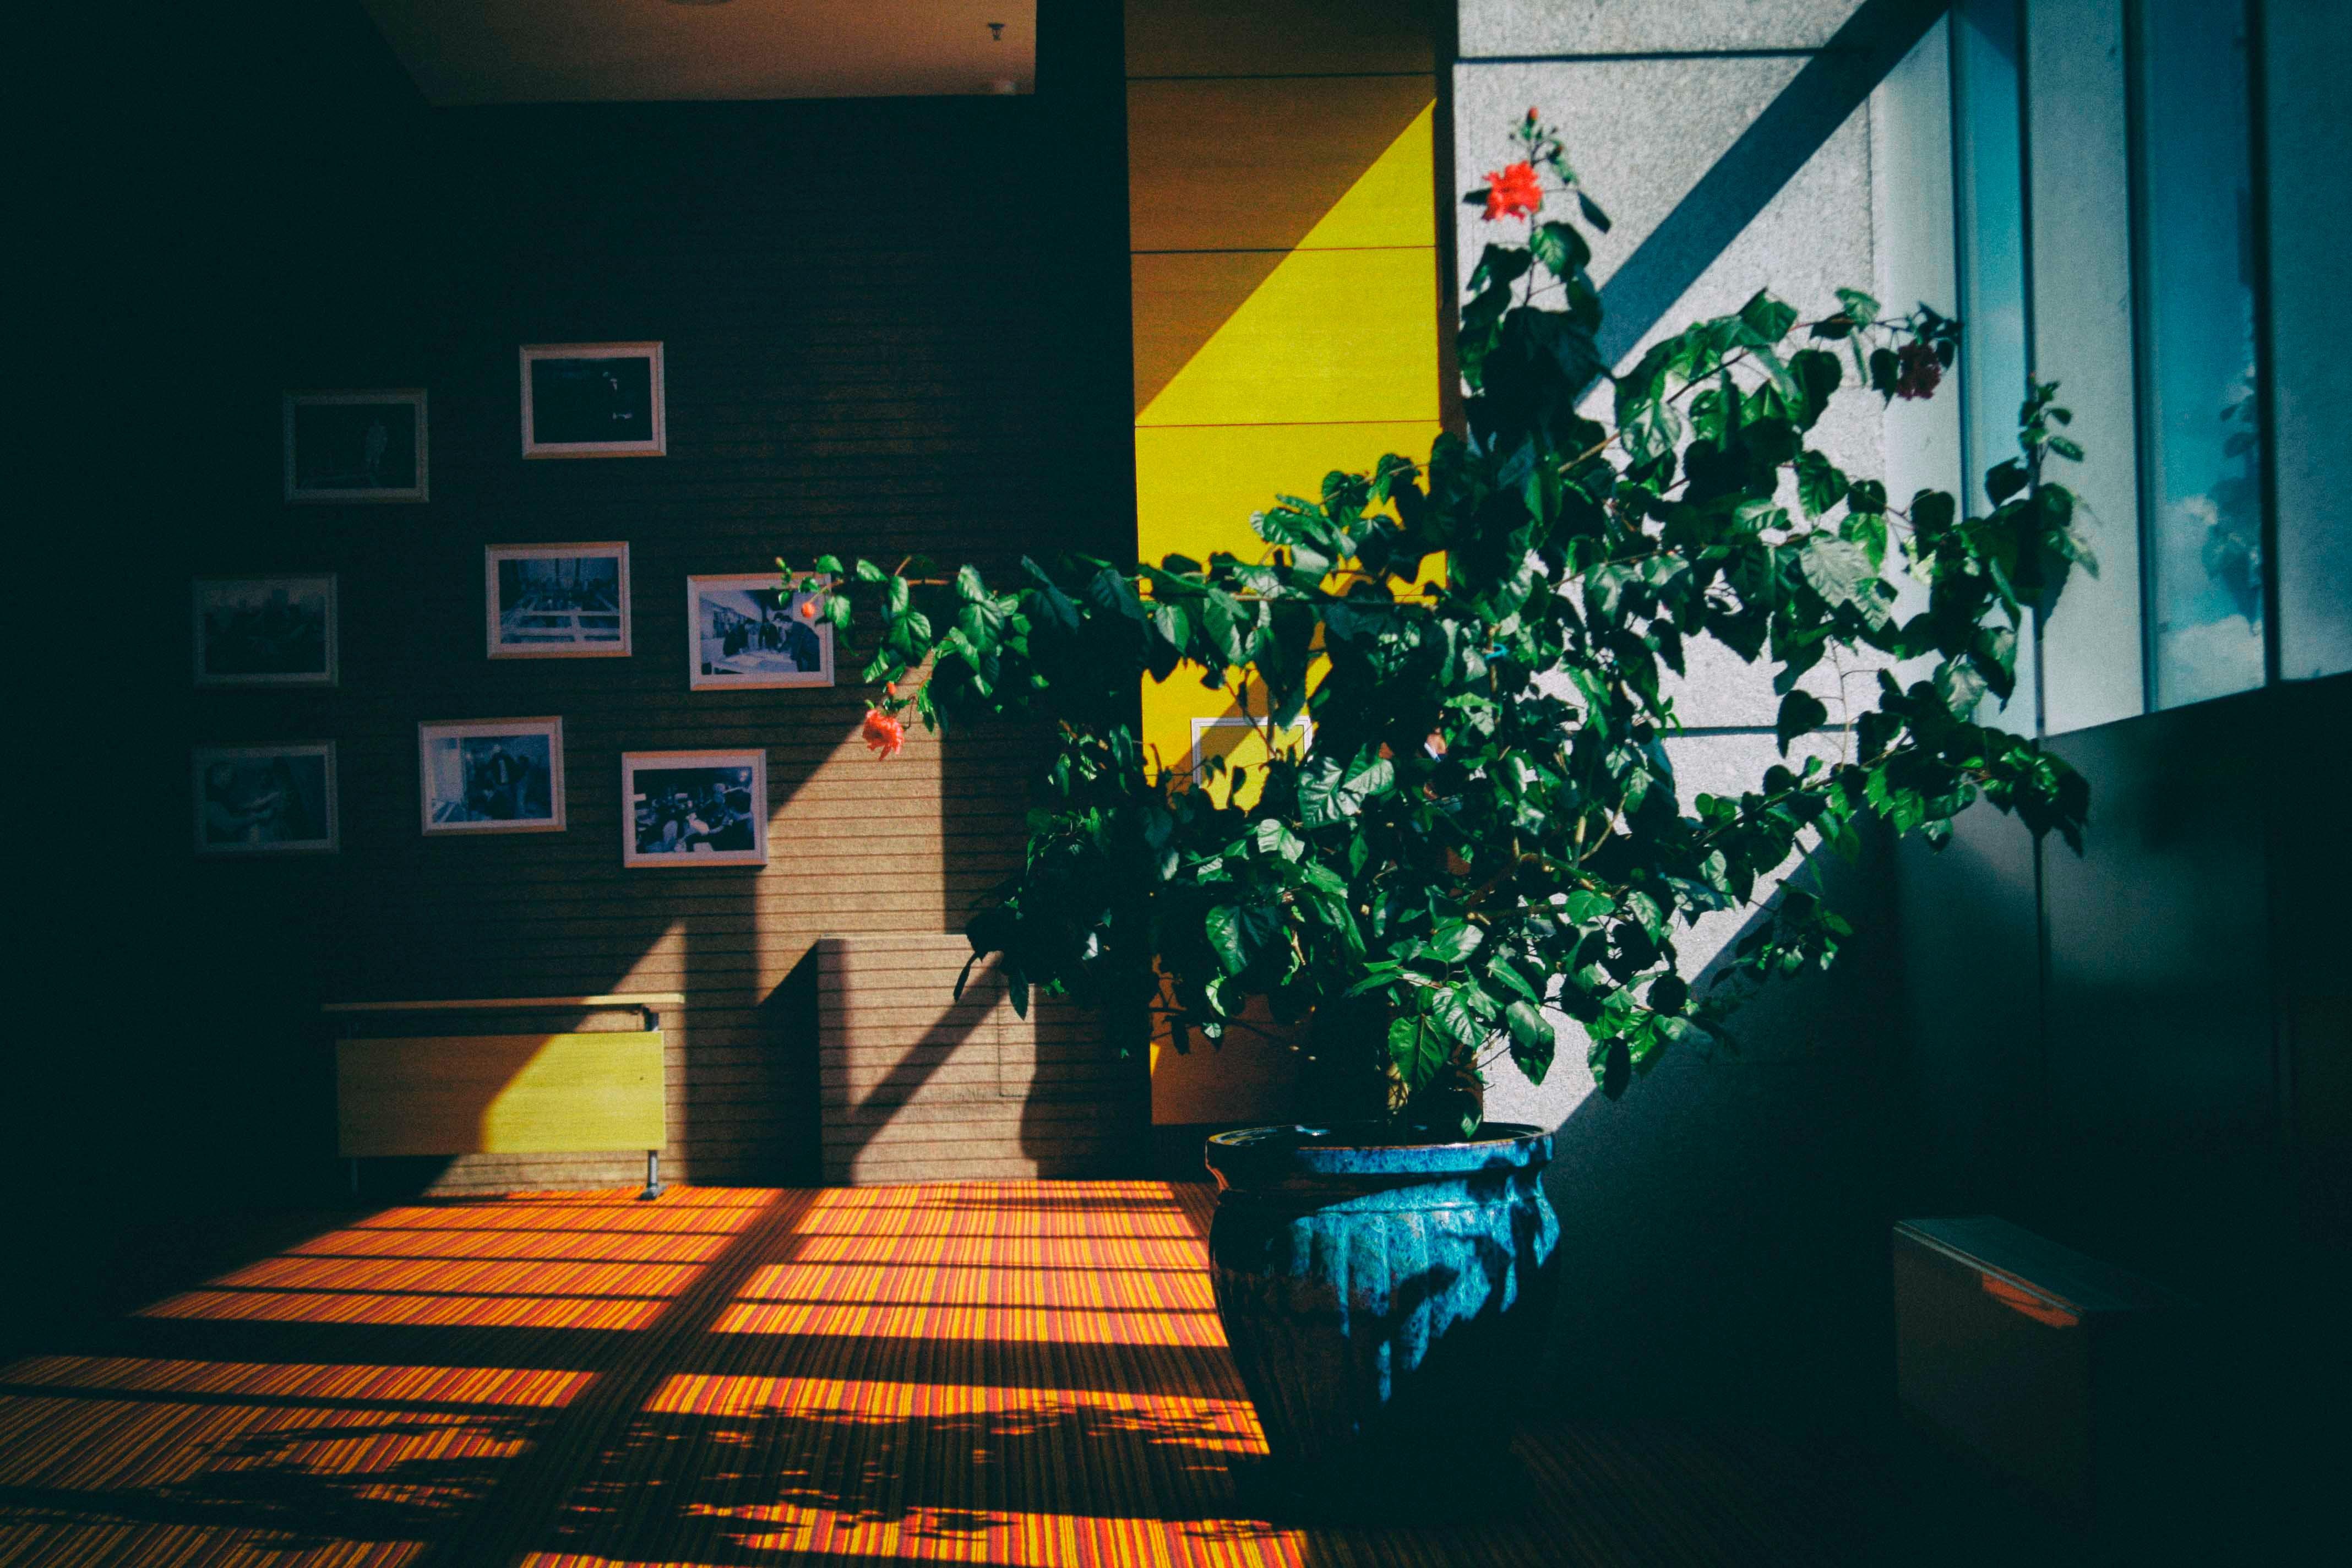 A luz é outro fator fundamental, mas são precisos cuidados / Photo by Sanetwo Sodbayar on Unsplash